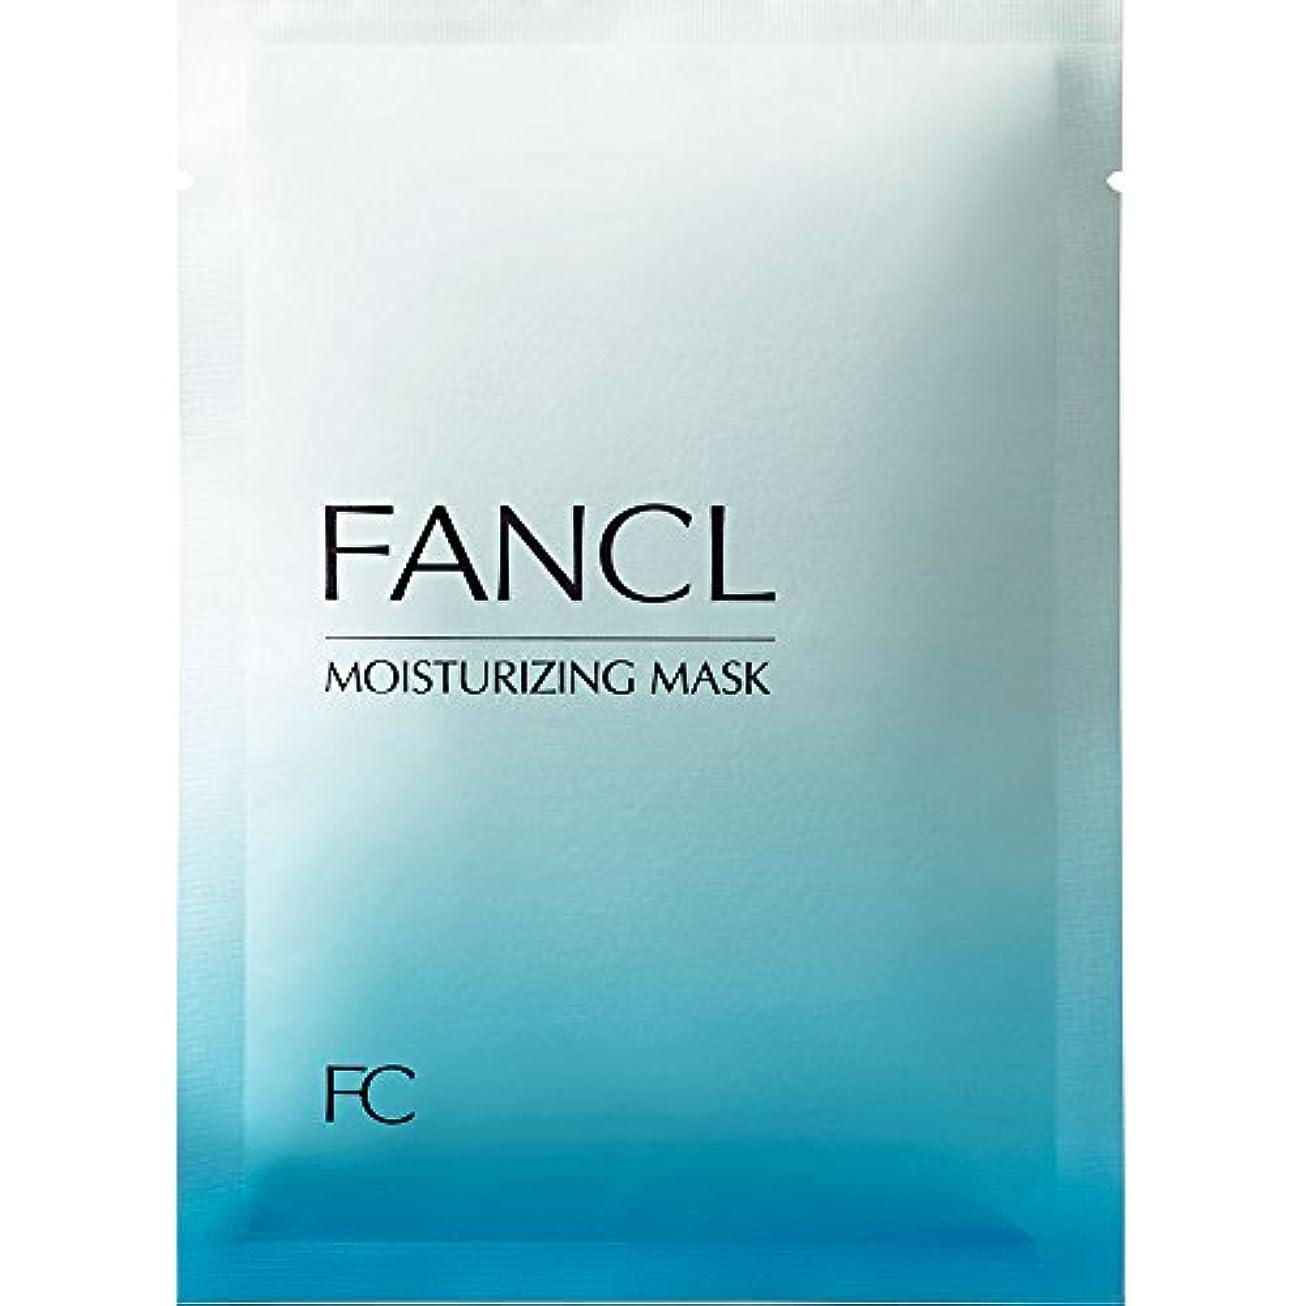 ファンケル (FANCL) モイスチャライジング マスク 6枚セット (18mL×6)